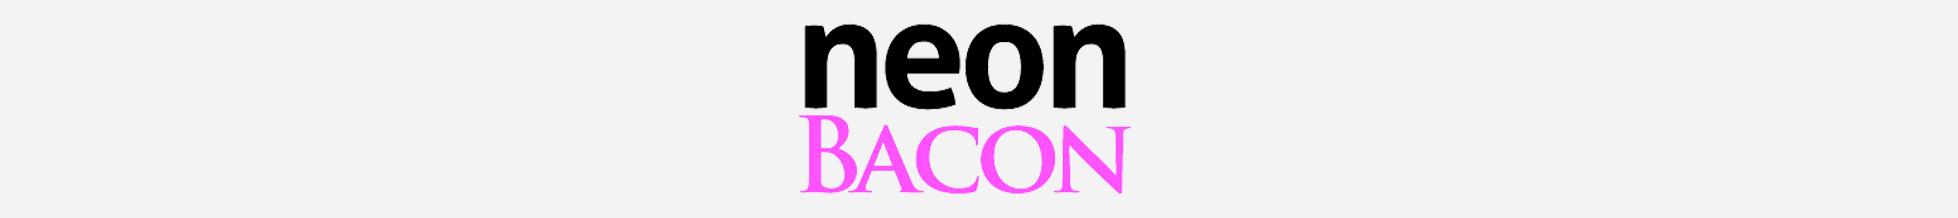 neonbacon.jpg